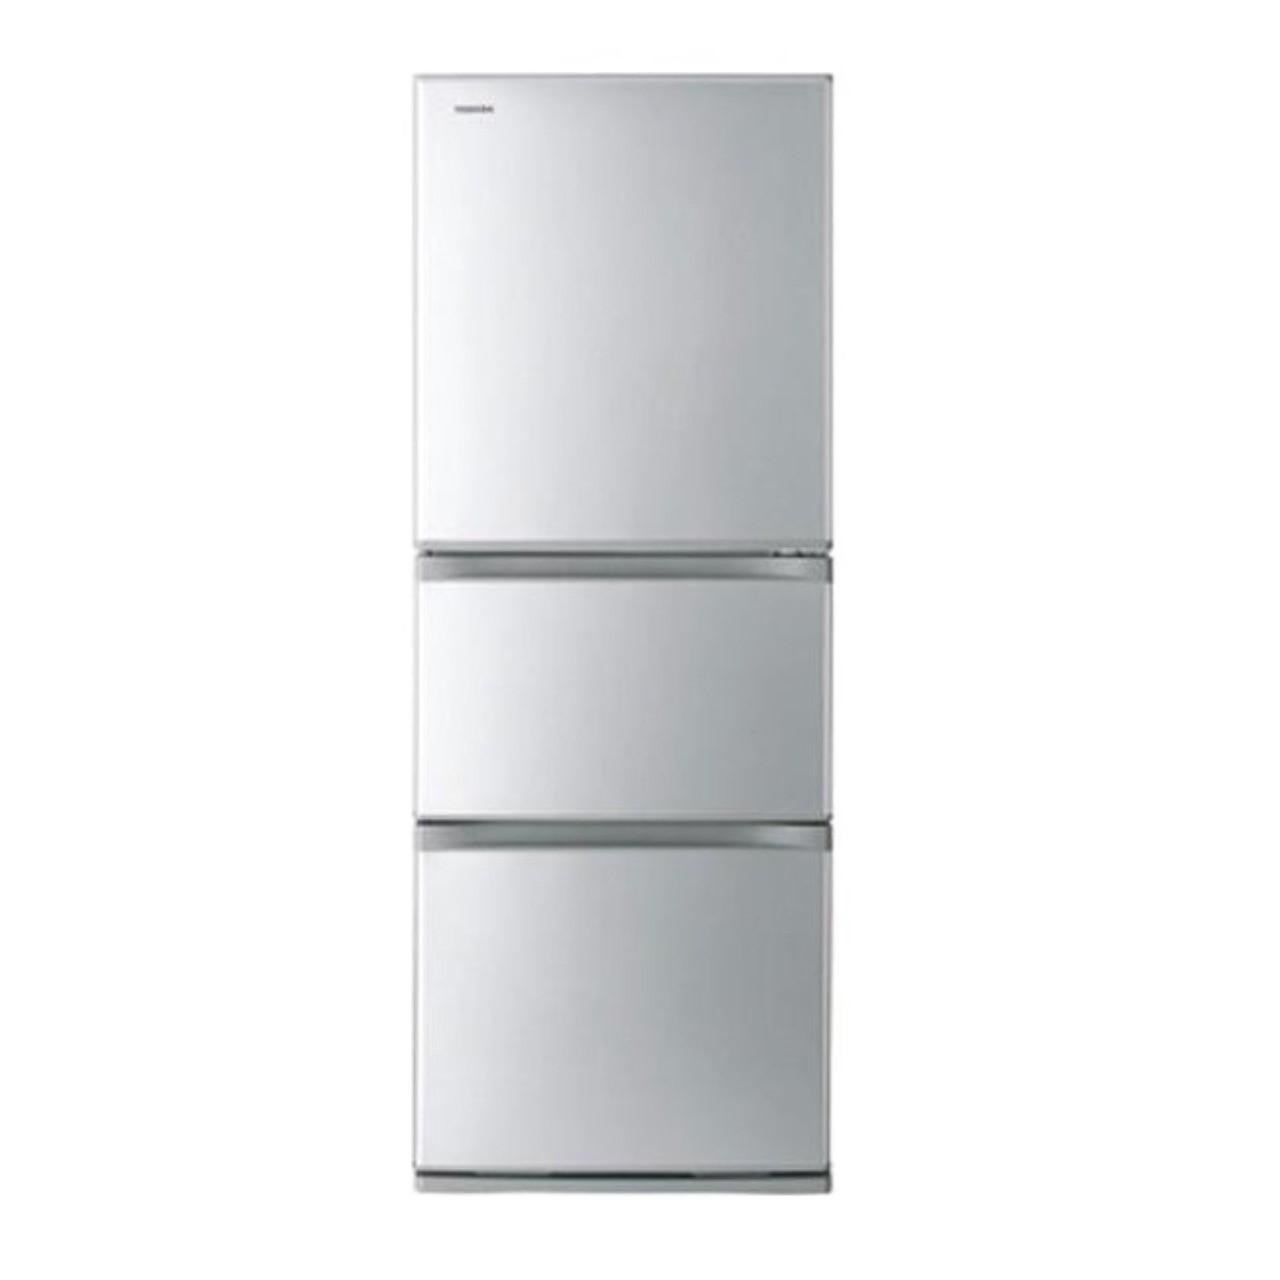 東芝ベジータGR-R33S冷蔵庫